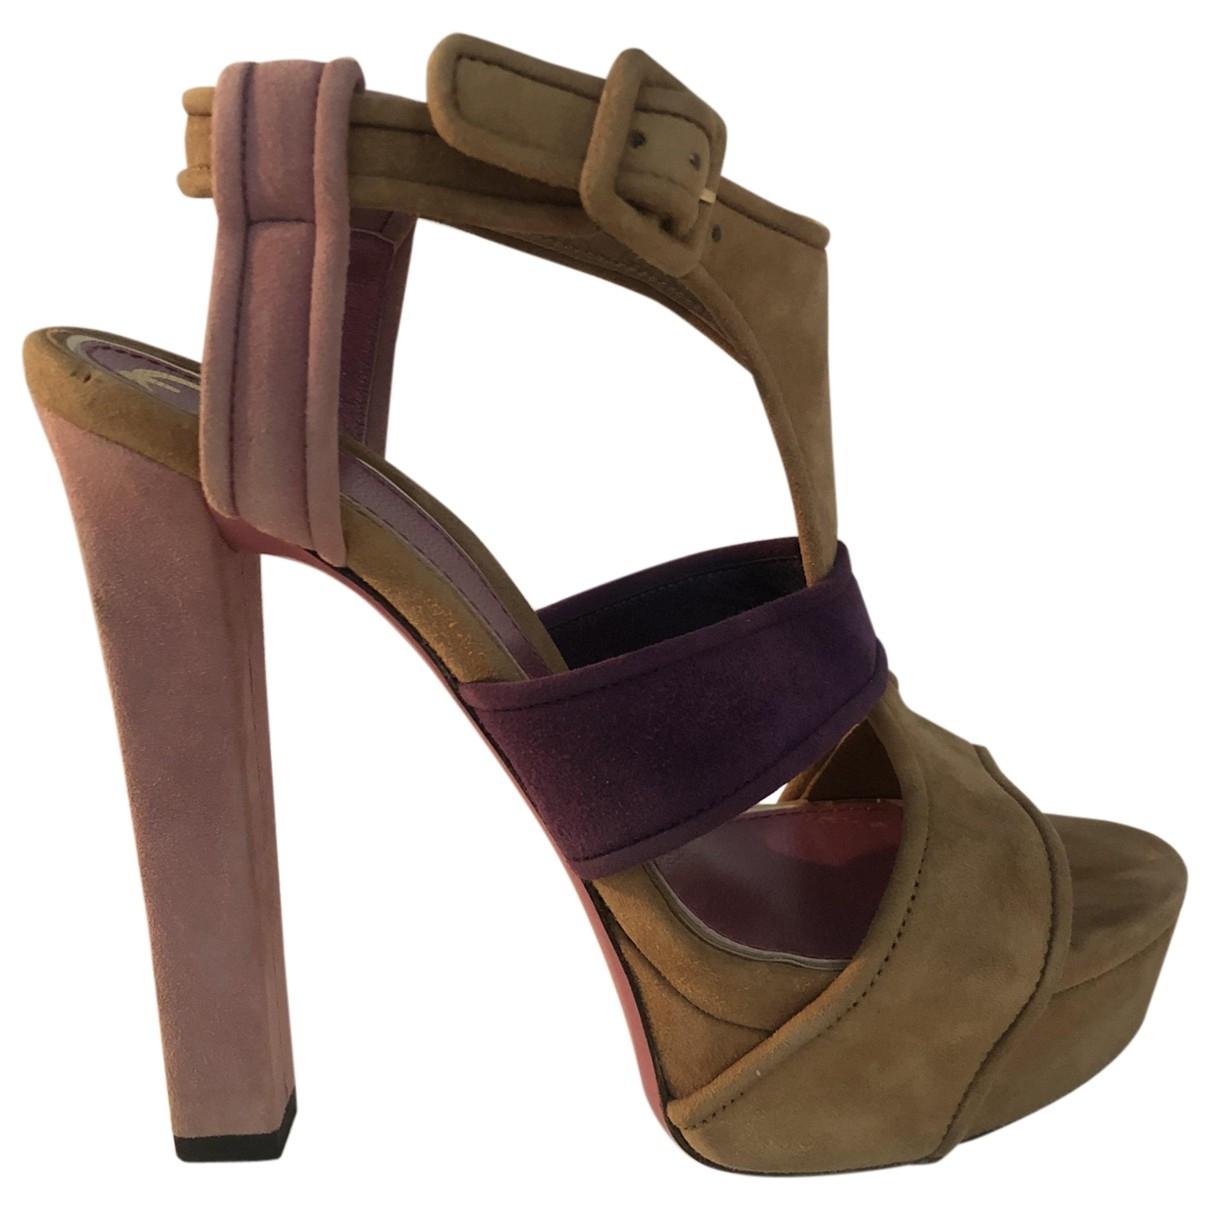 Sandalias romanas Gucci